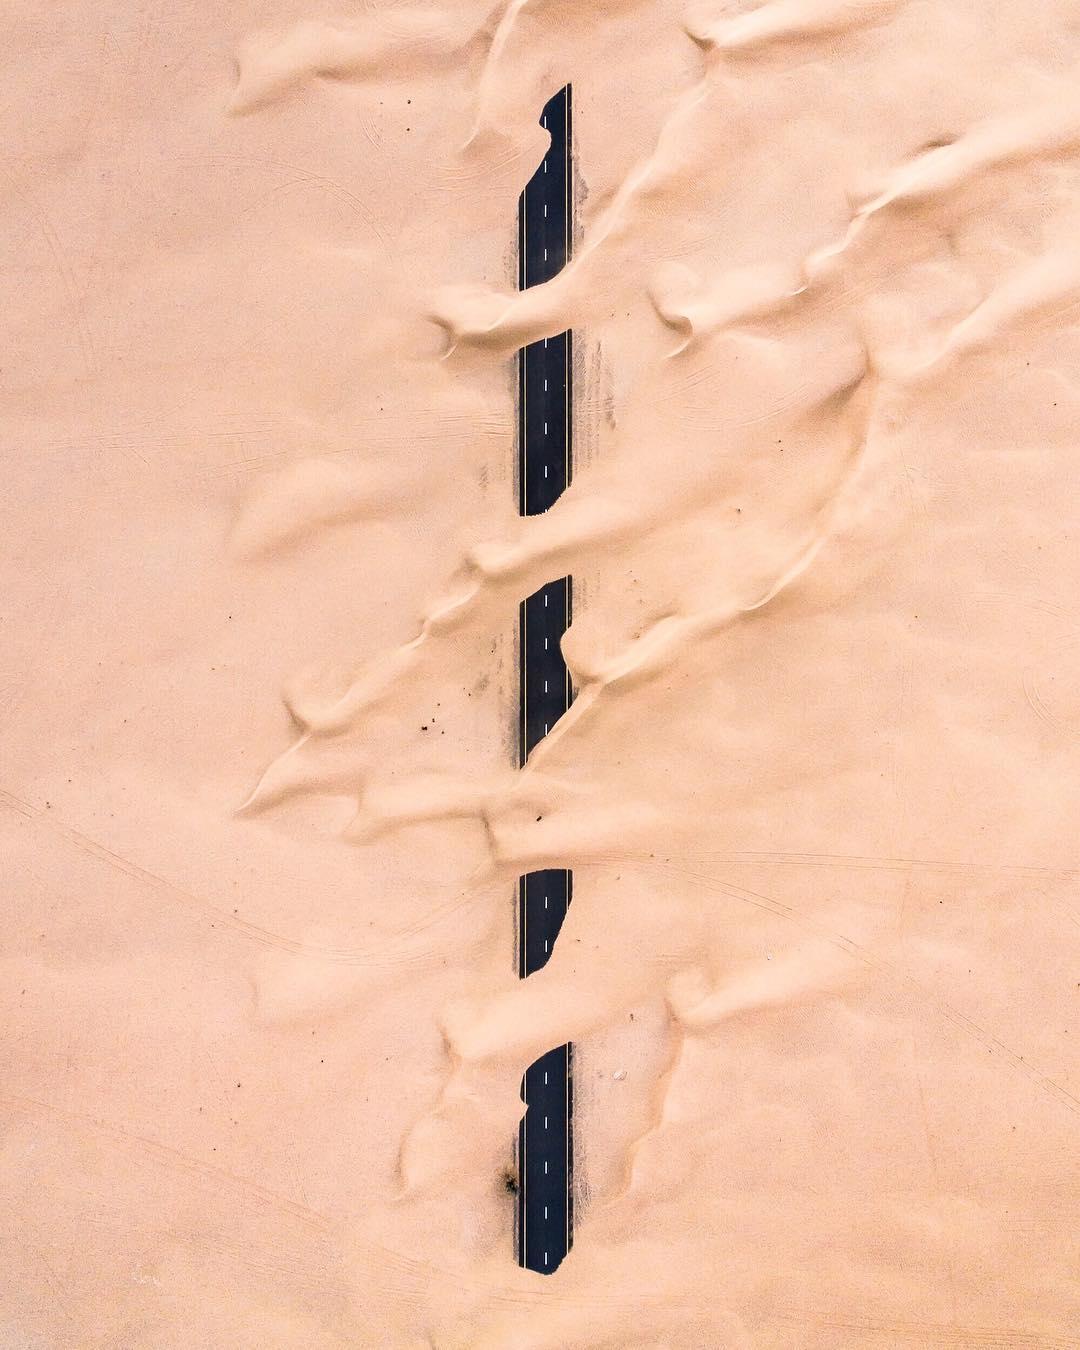 Irenaeus_Herok_Sandswept_Dubai_Highways_Moto-Mucci (8).jpg